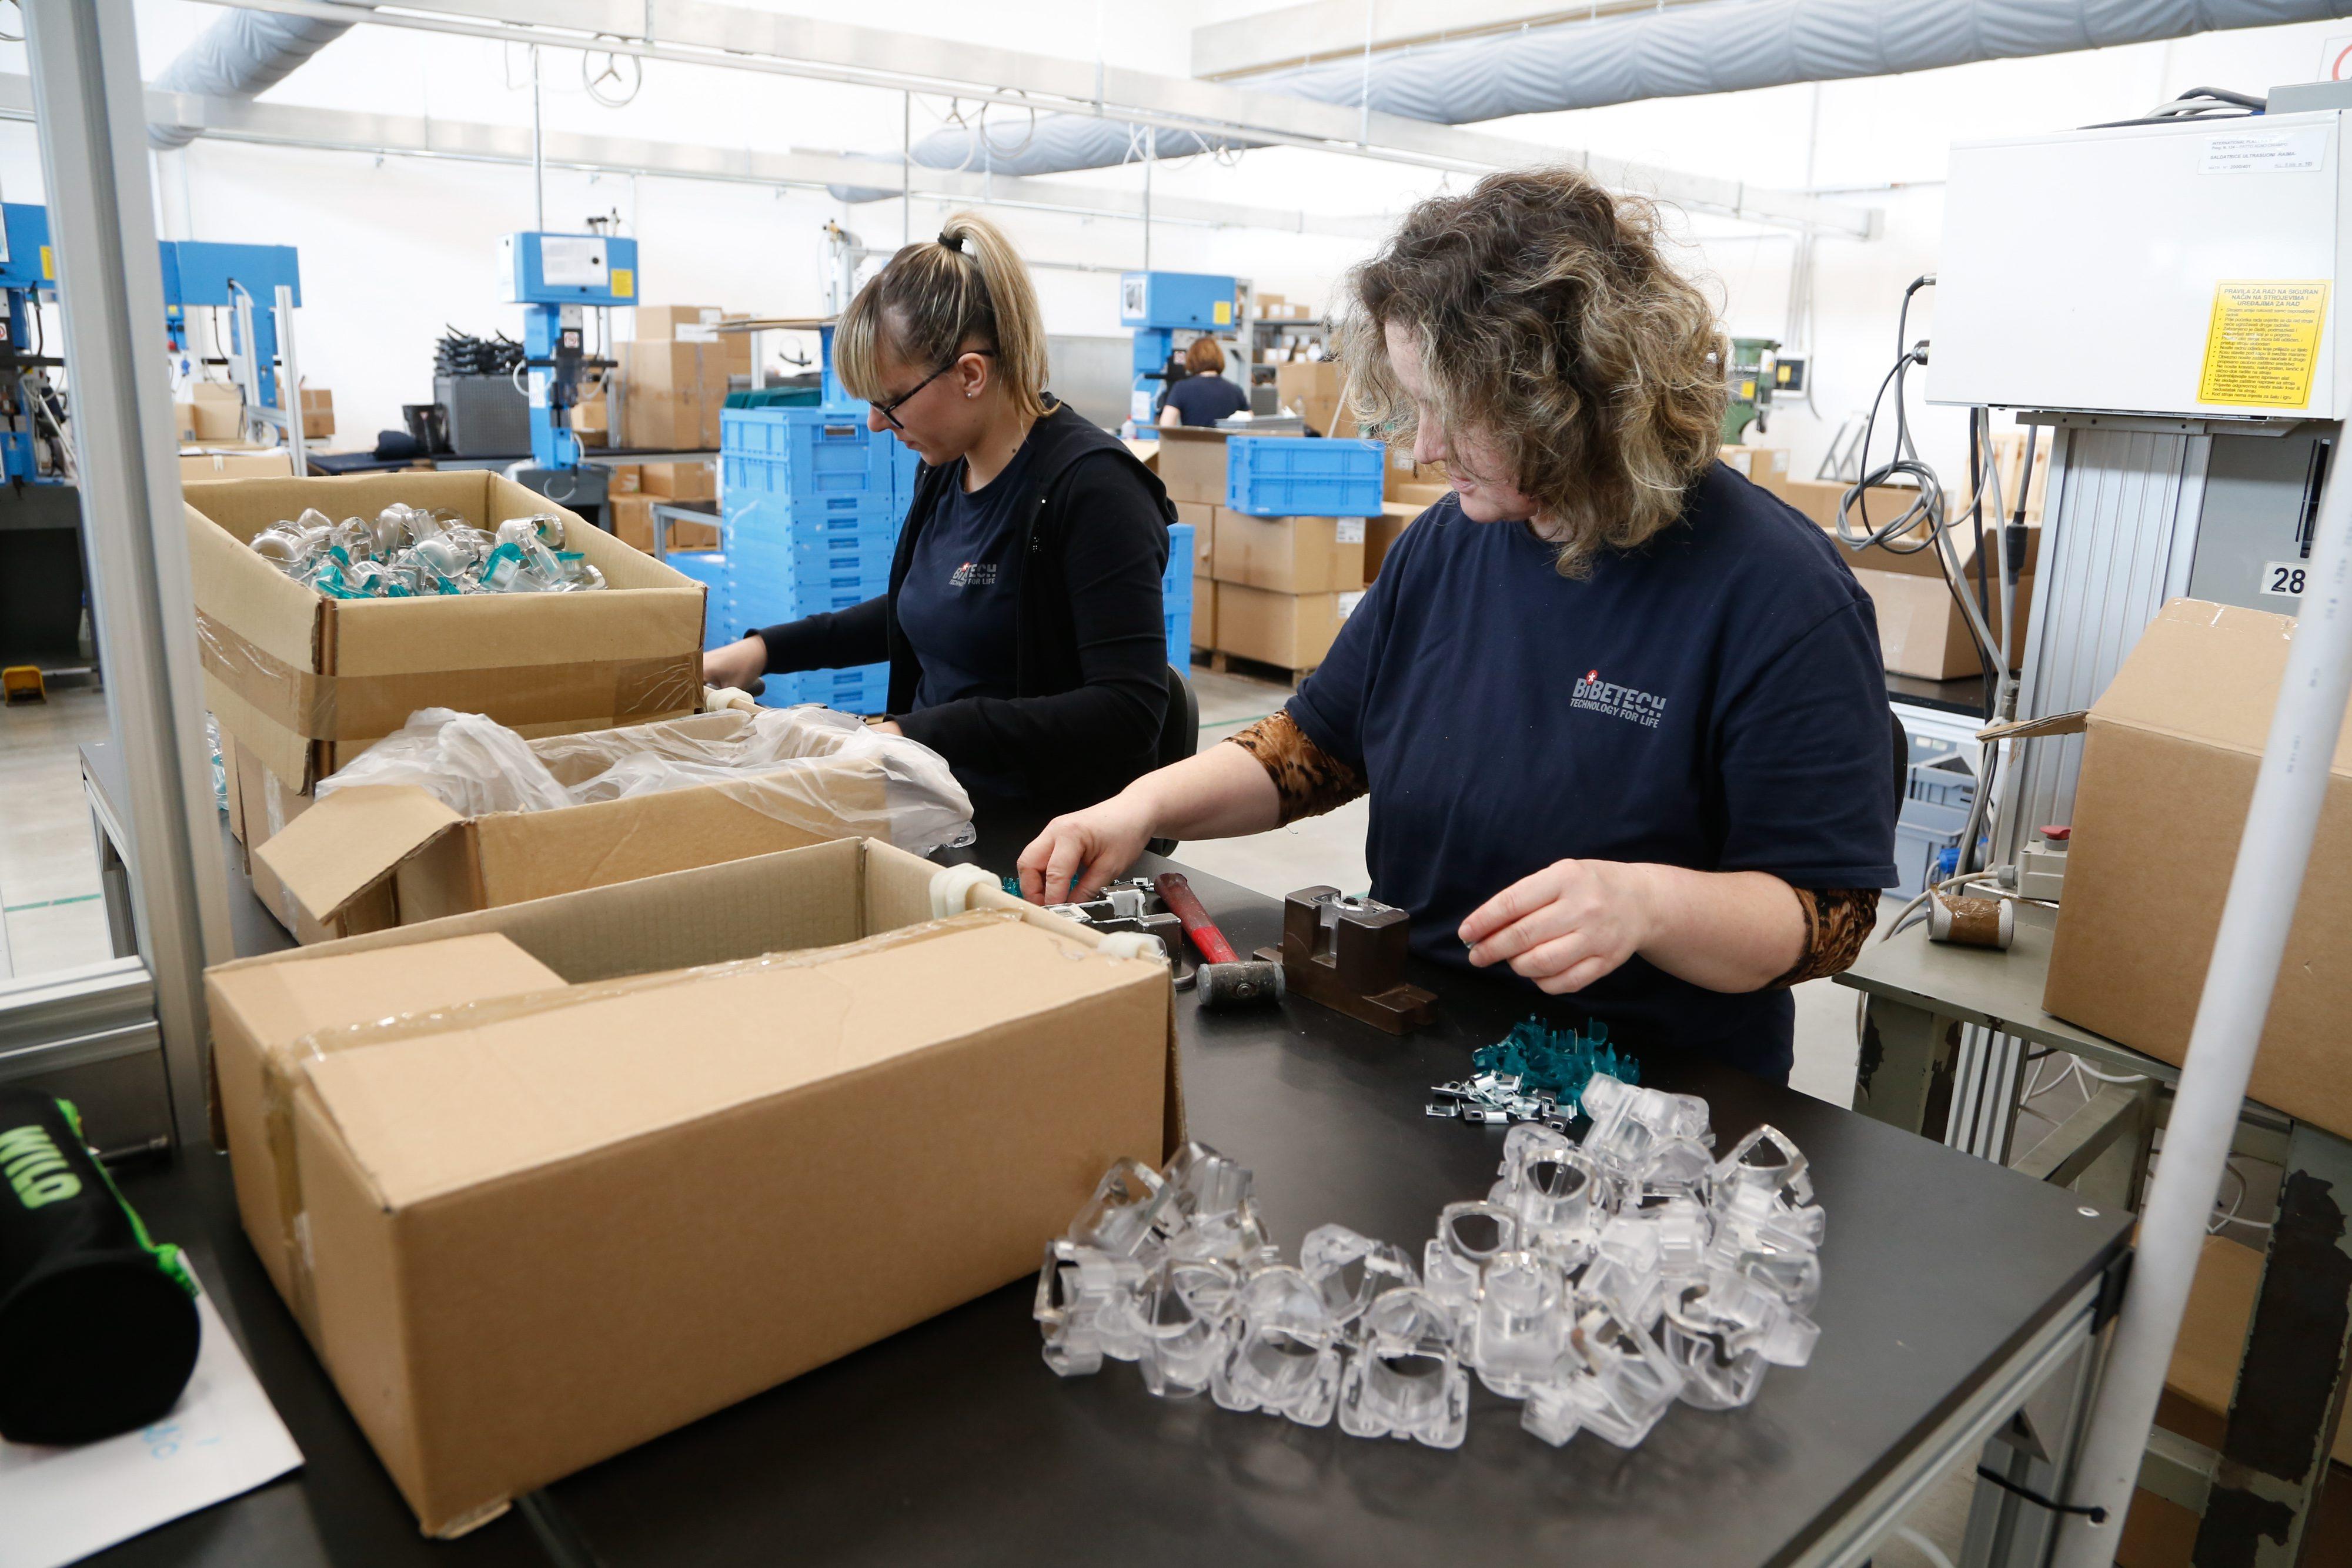 Tvornica plastike Bibetech.